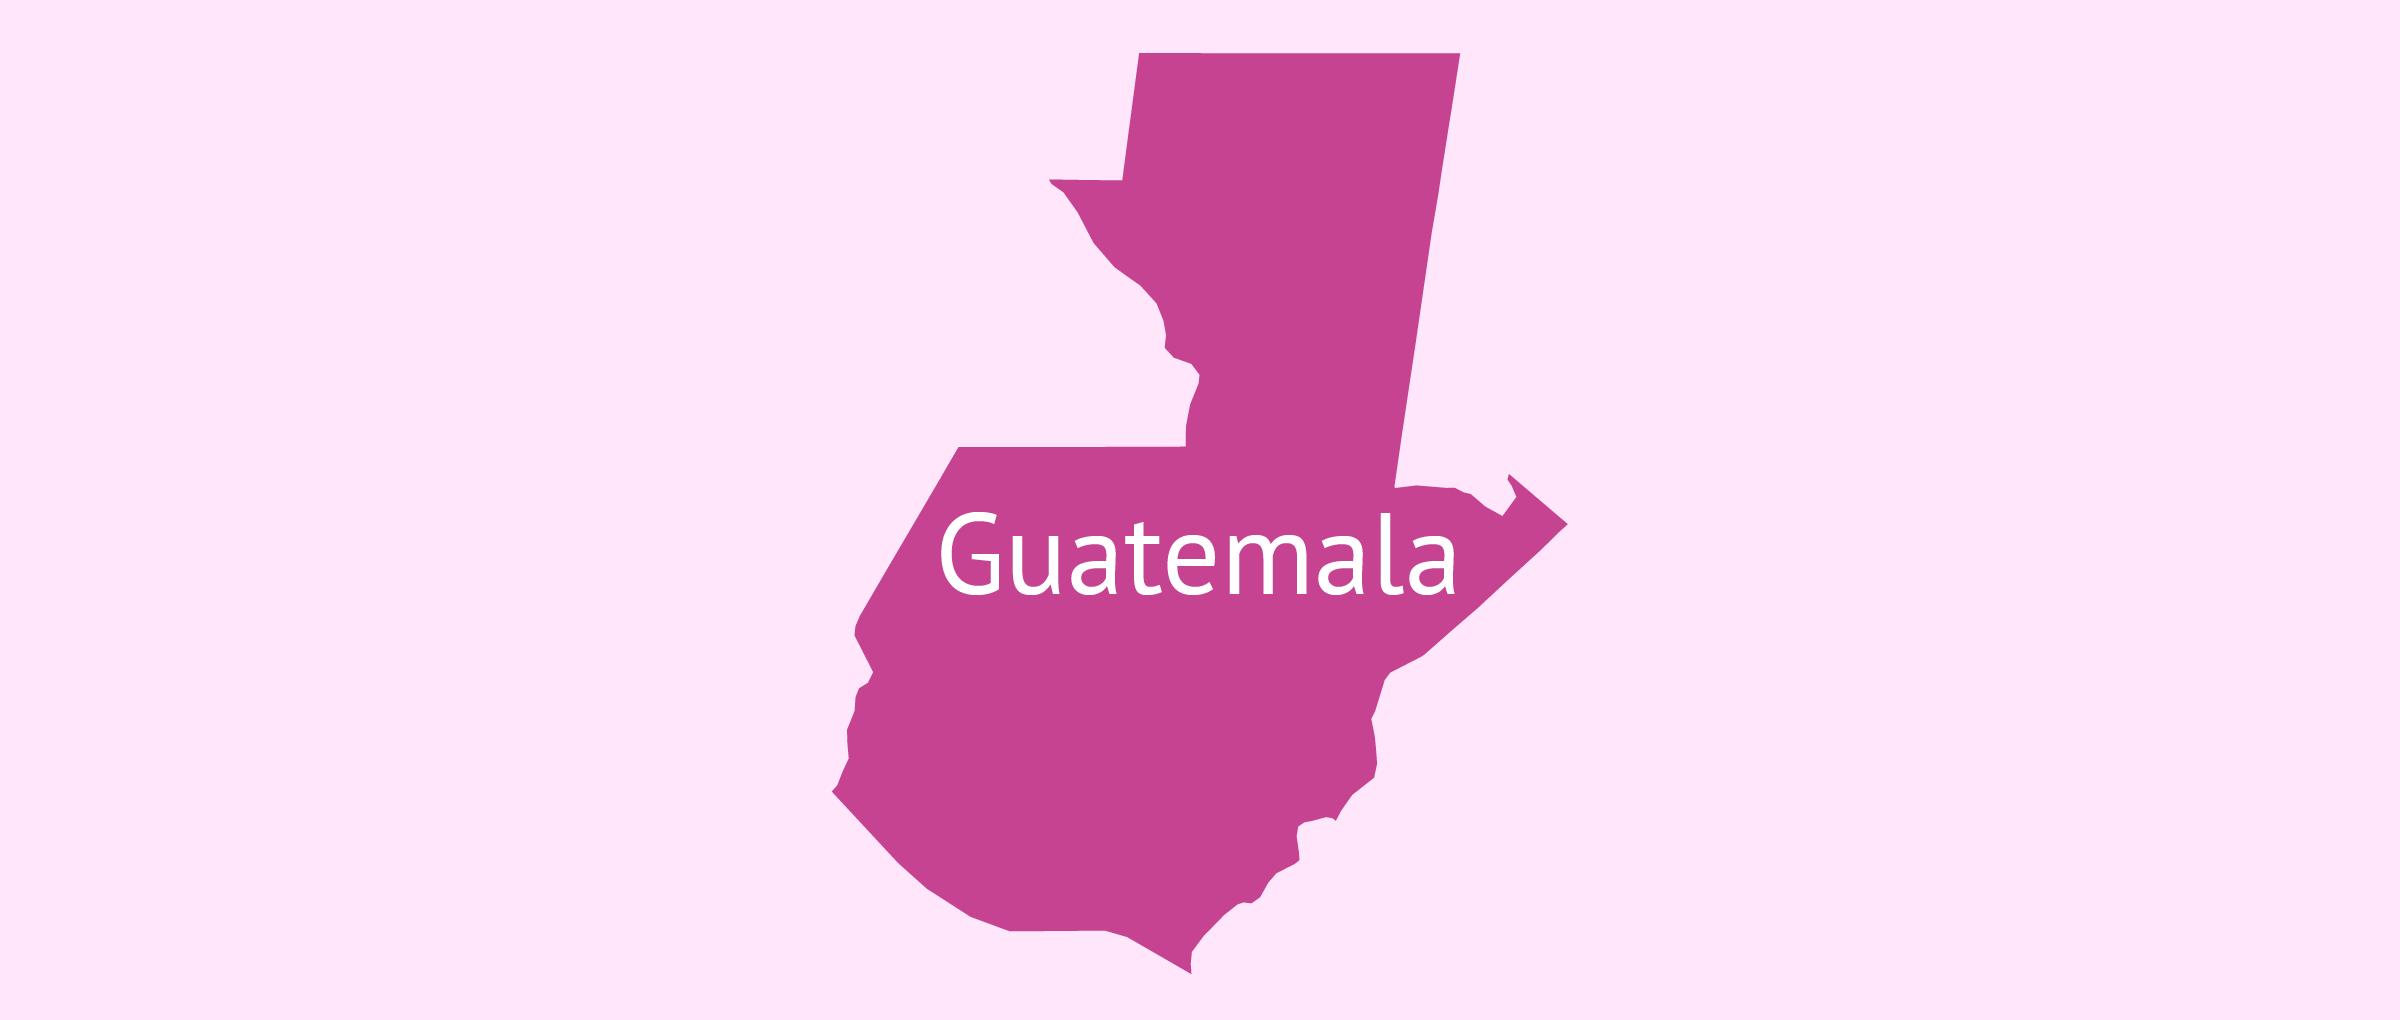 La gestación subrogada en Guatemala y su vacío legal